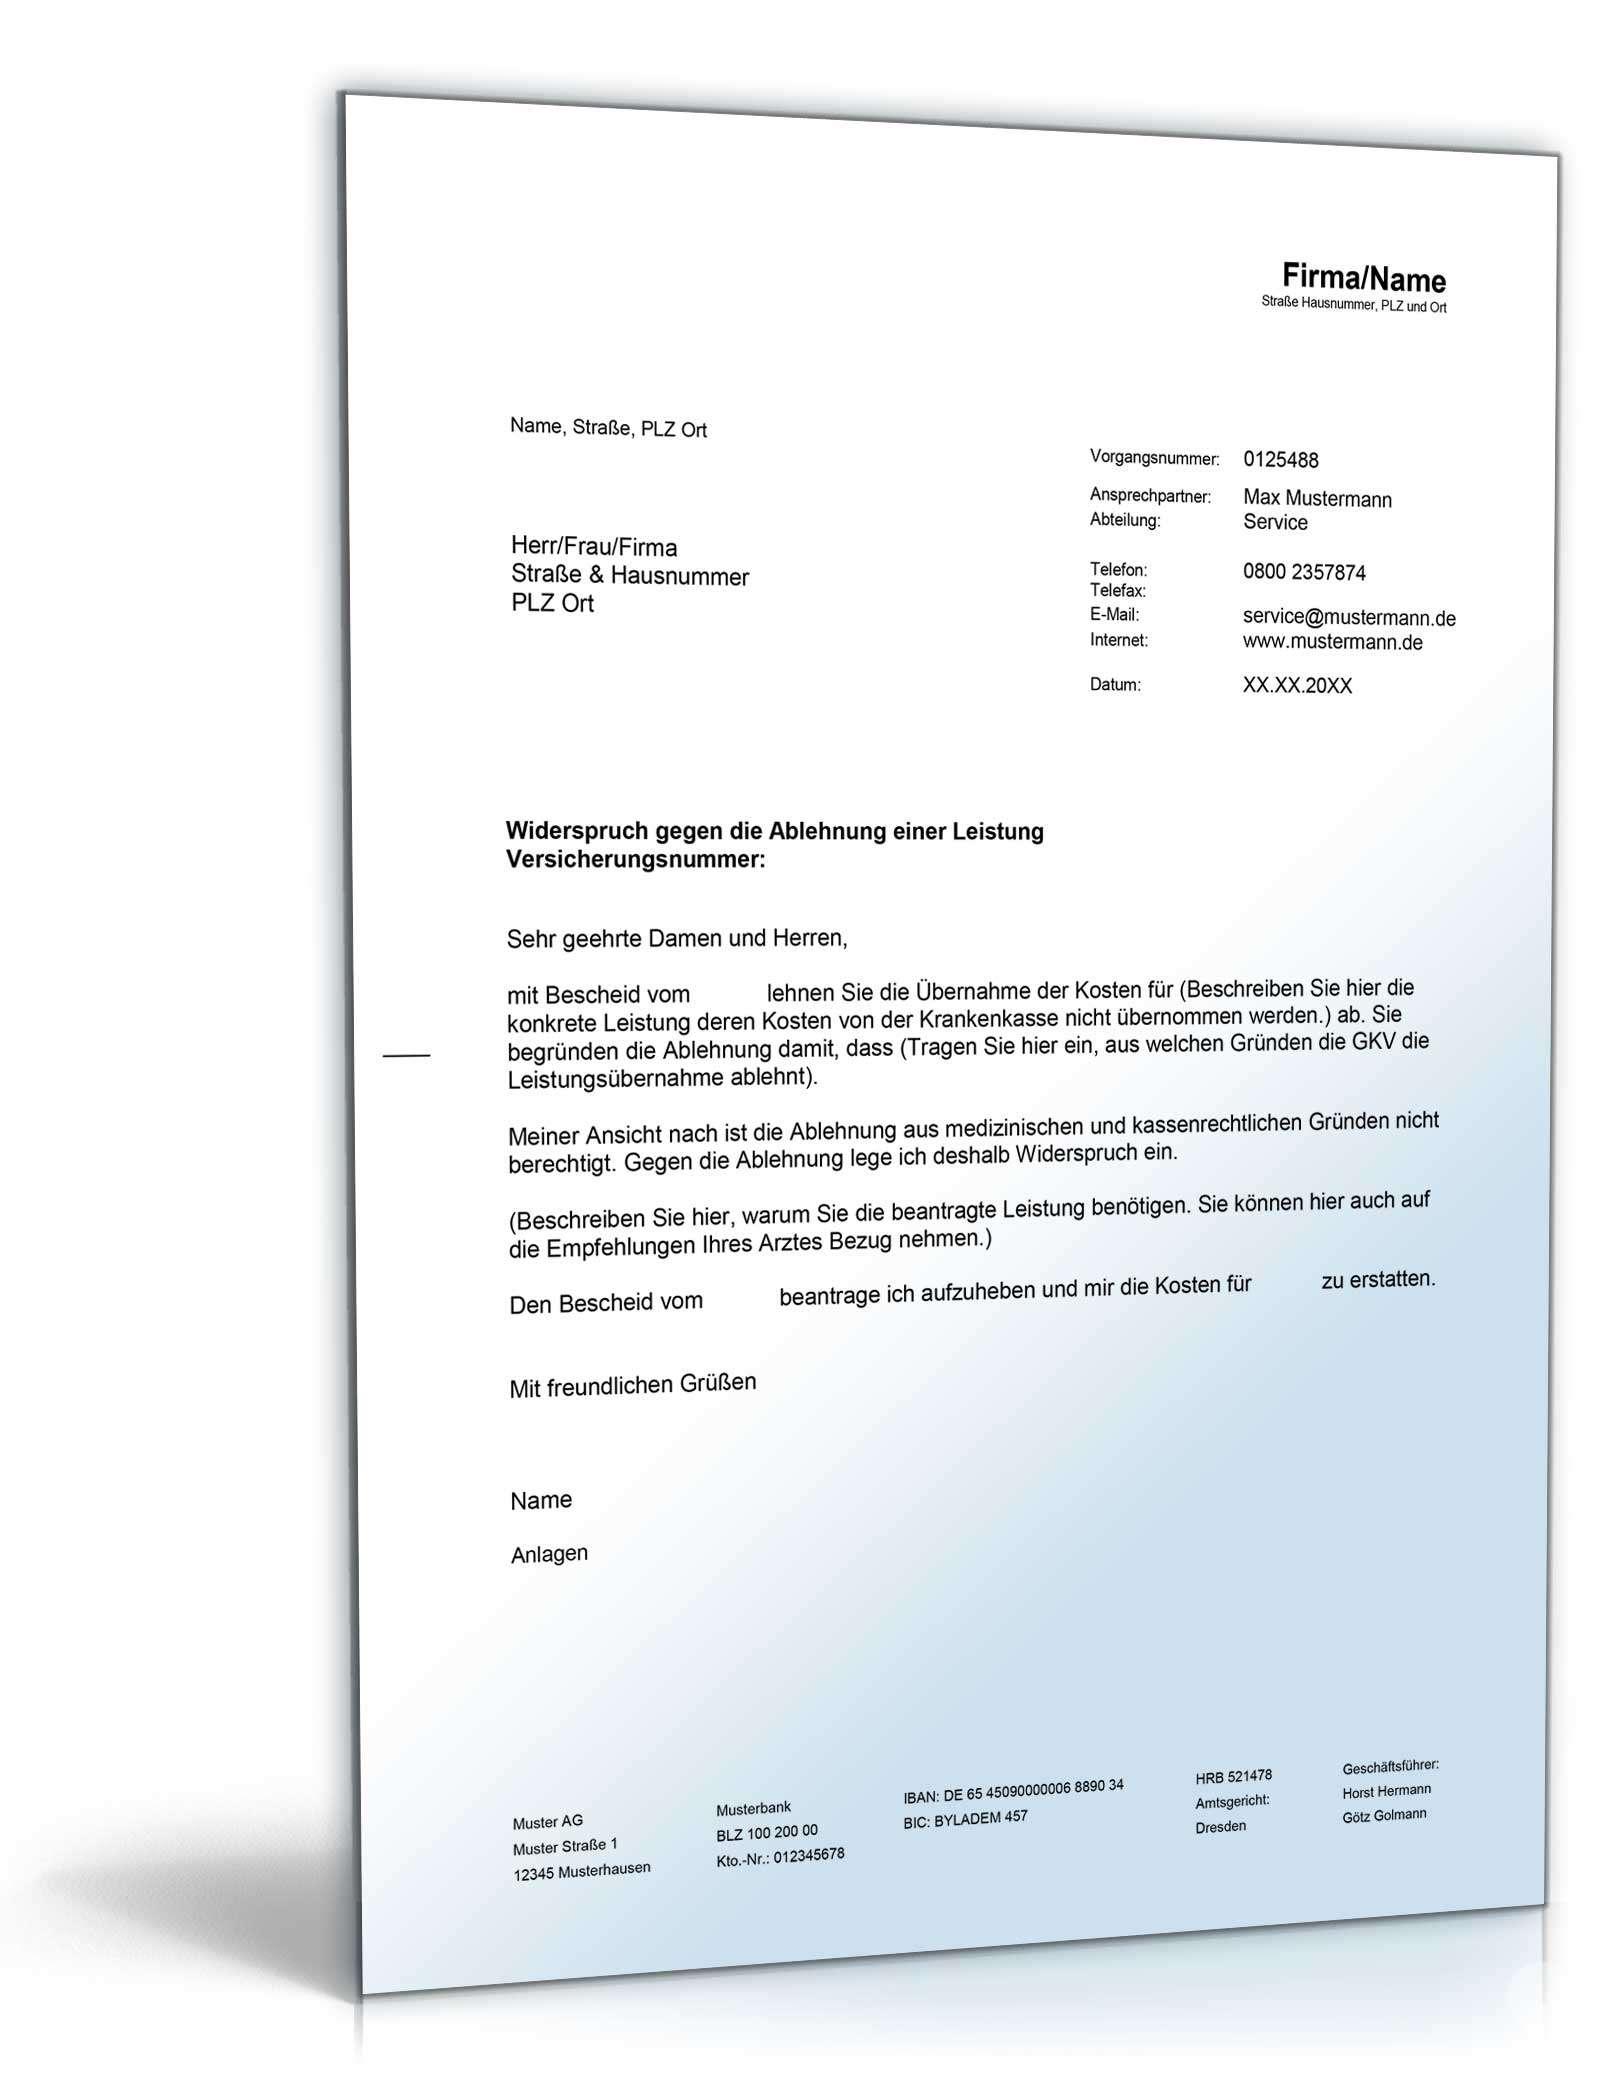 Widerspruch Verweigerung einer Leistung durch die GKV | Muster zum ...